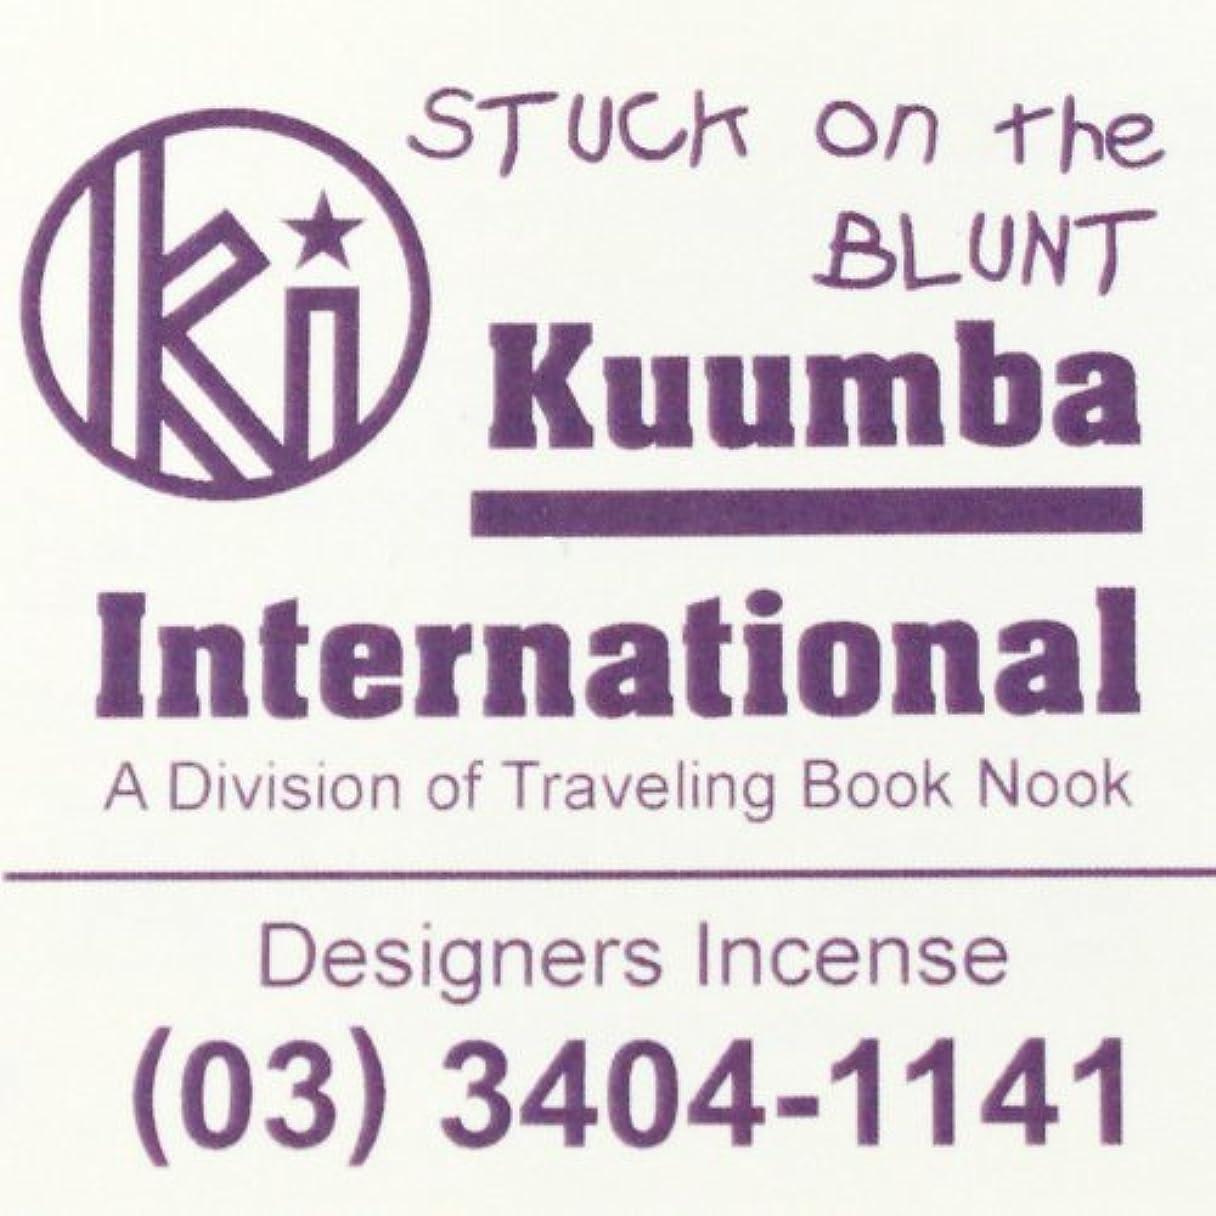 自然公園デュアル確立(クンバ) KUUMBA『incense』(STUCK on the BLUNT) (Regular size)